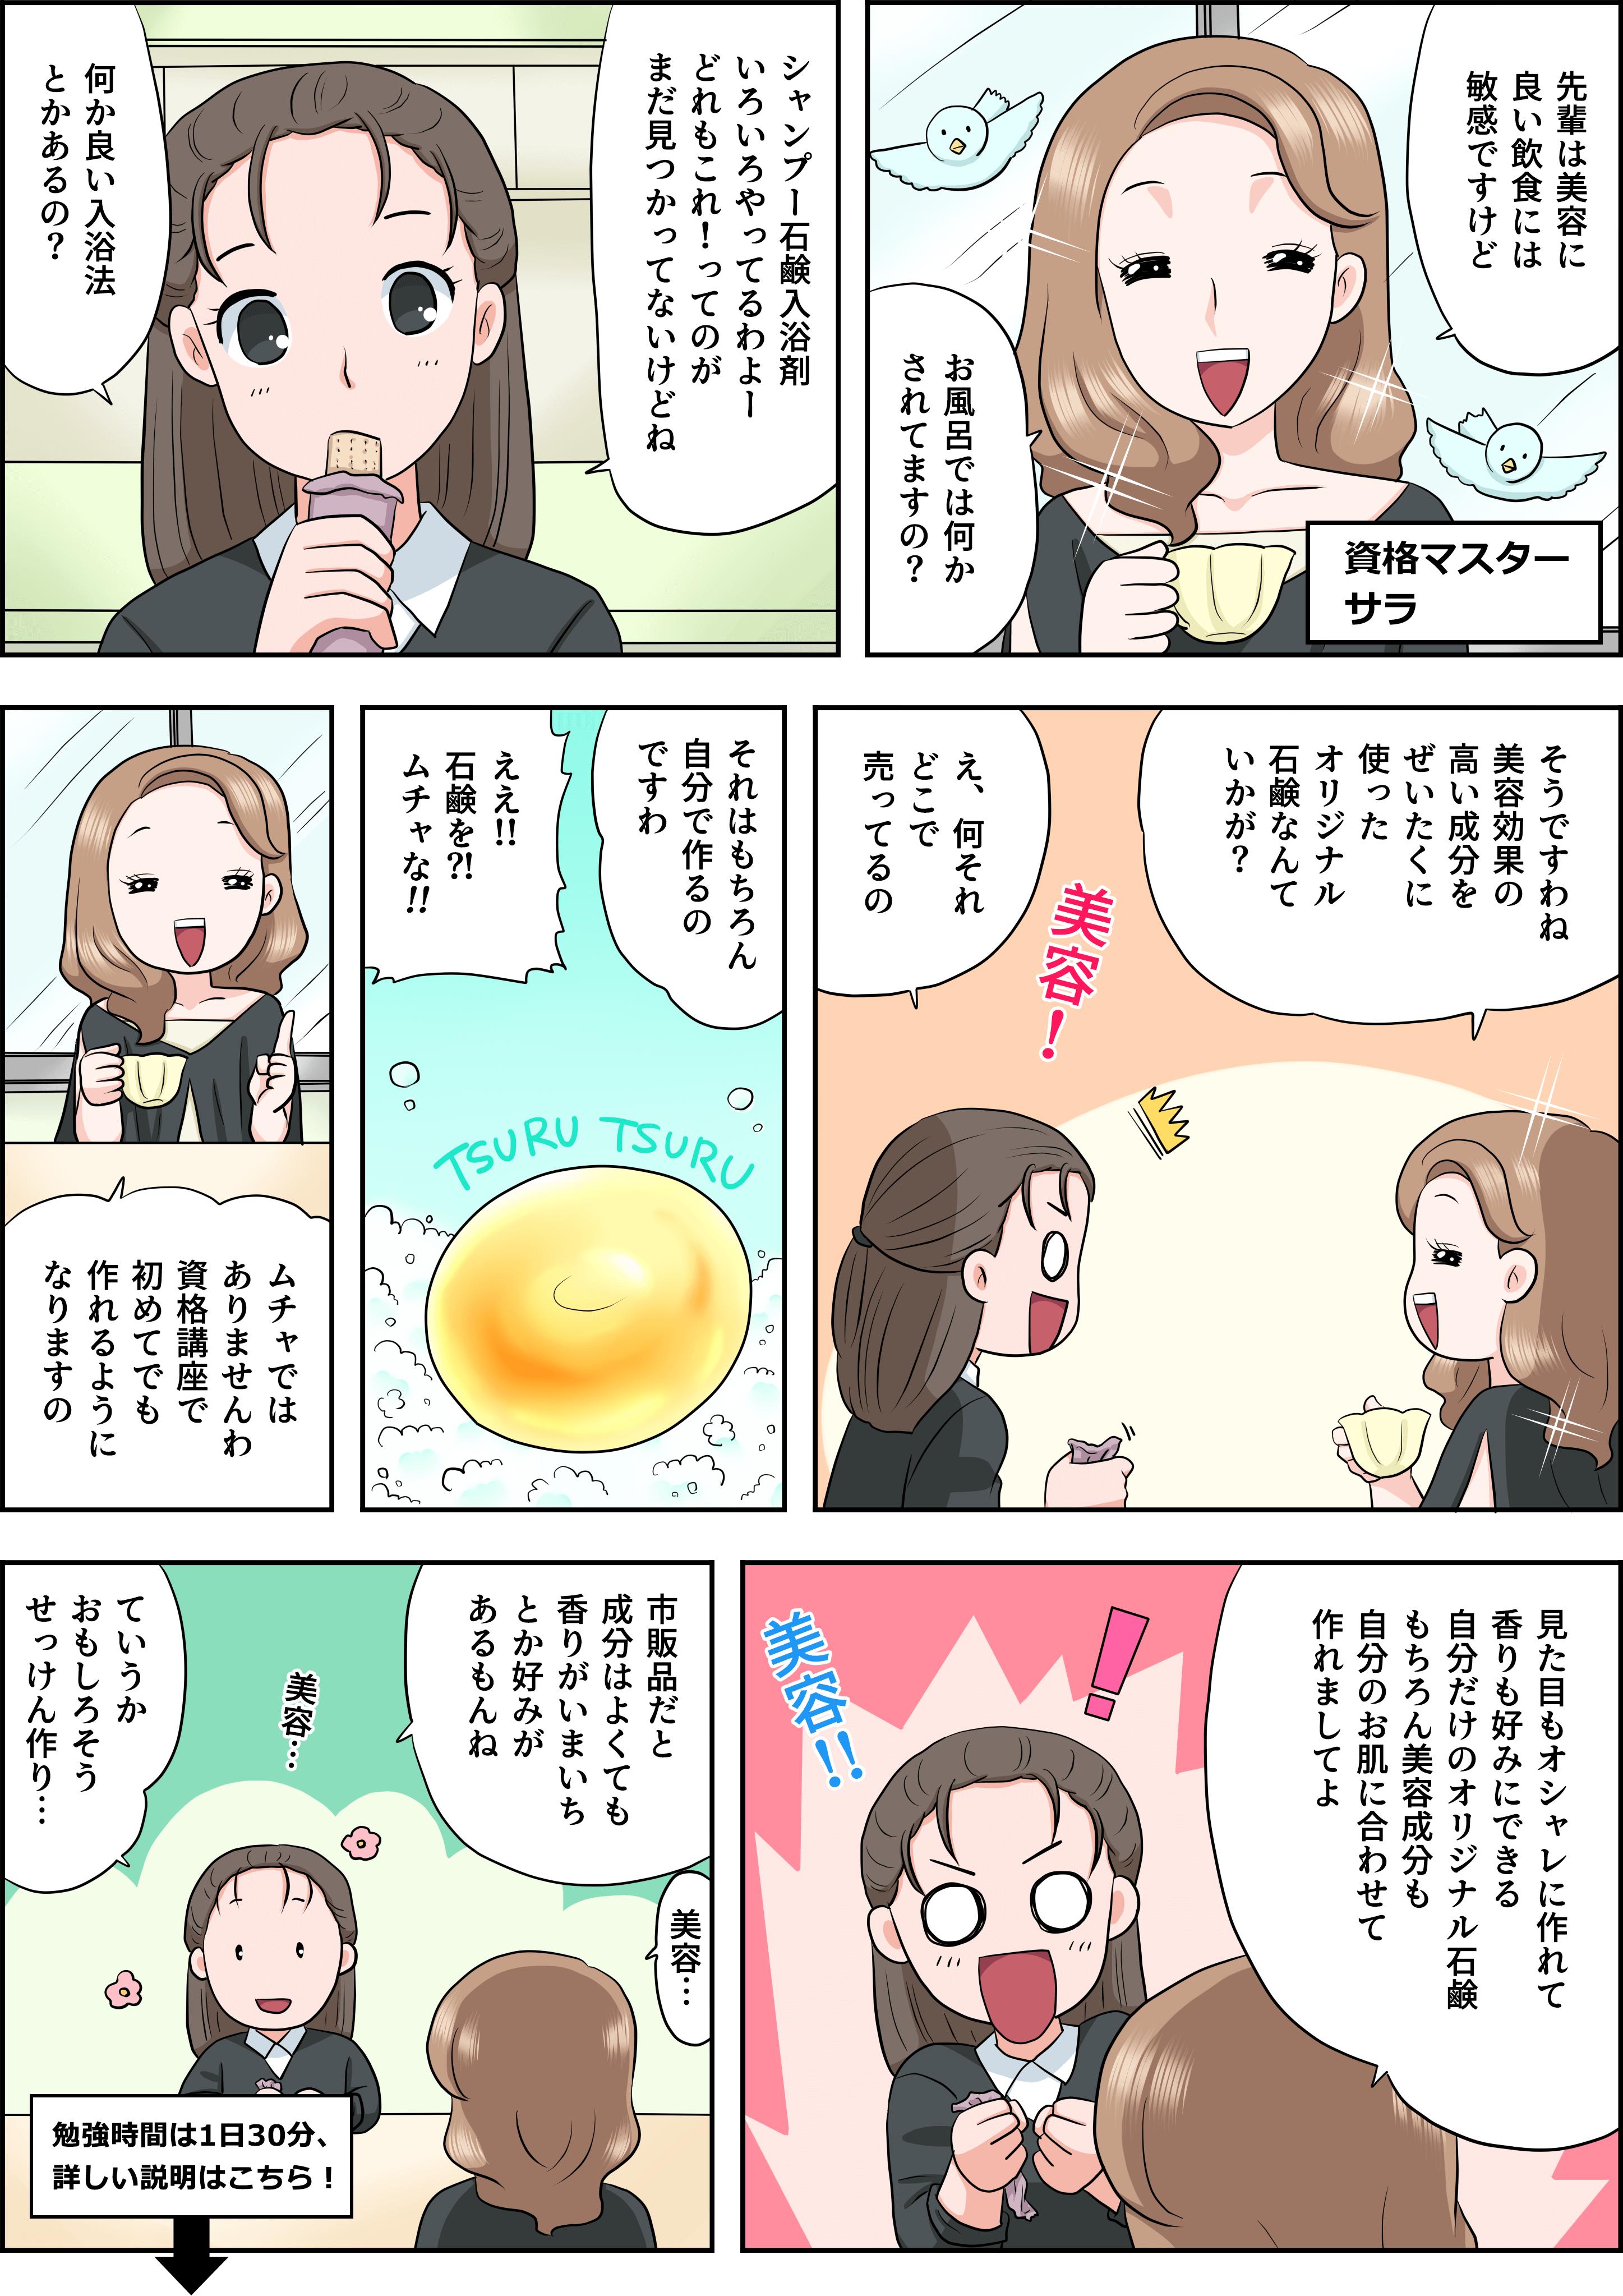 手作り石鹸の漫画